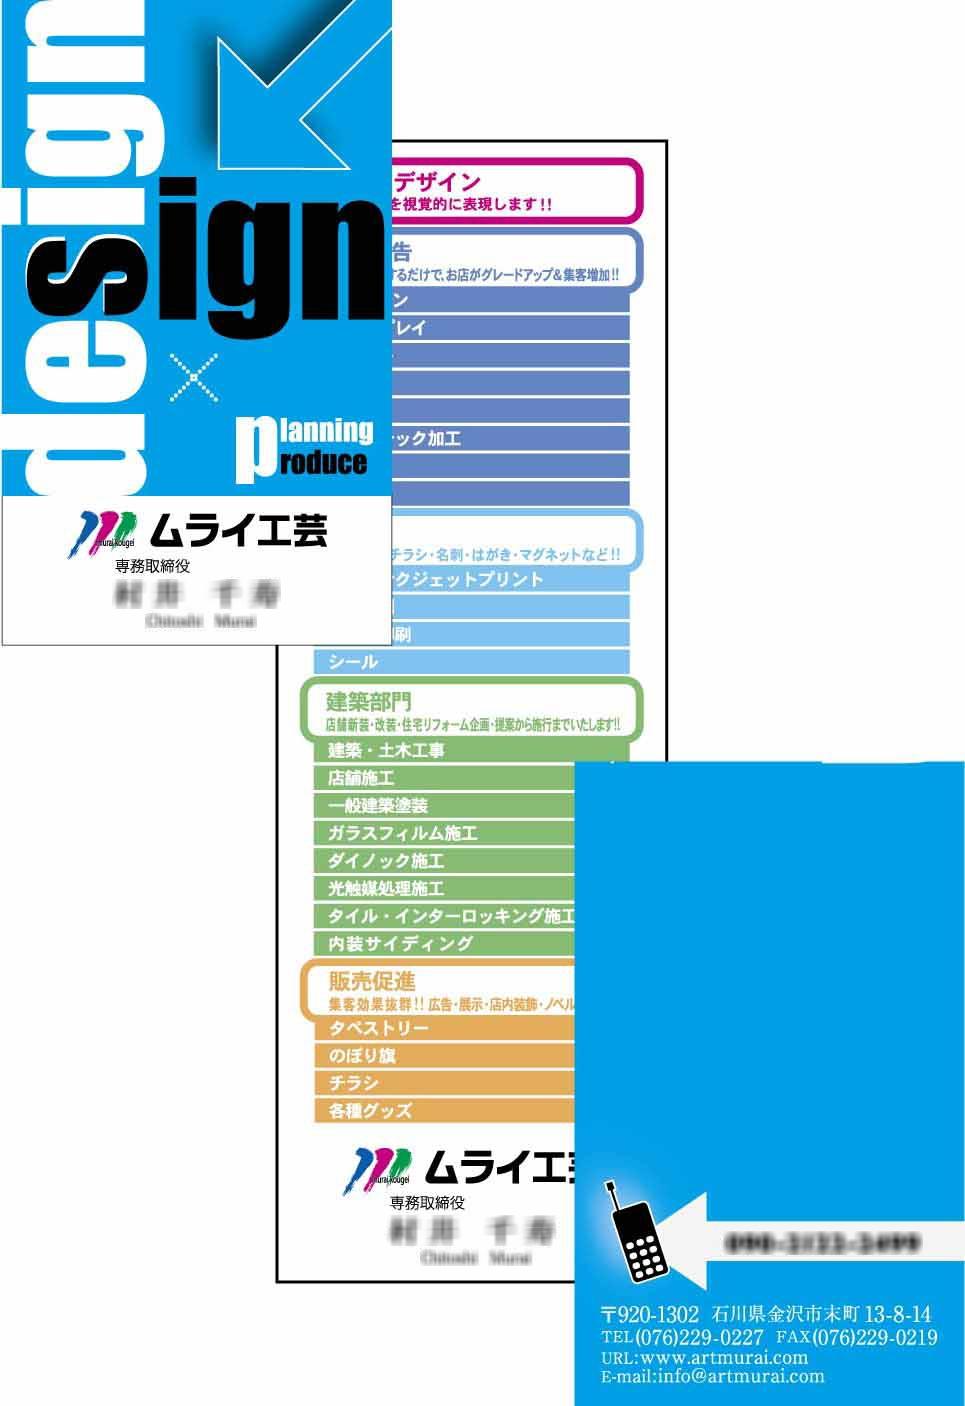 ムライ工芸-名刺(シアン)